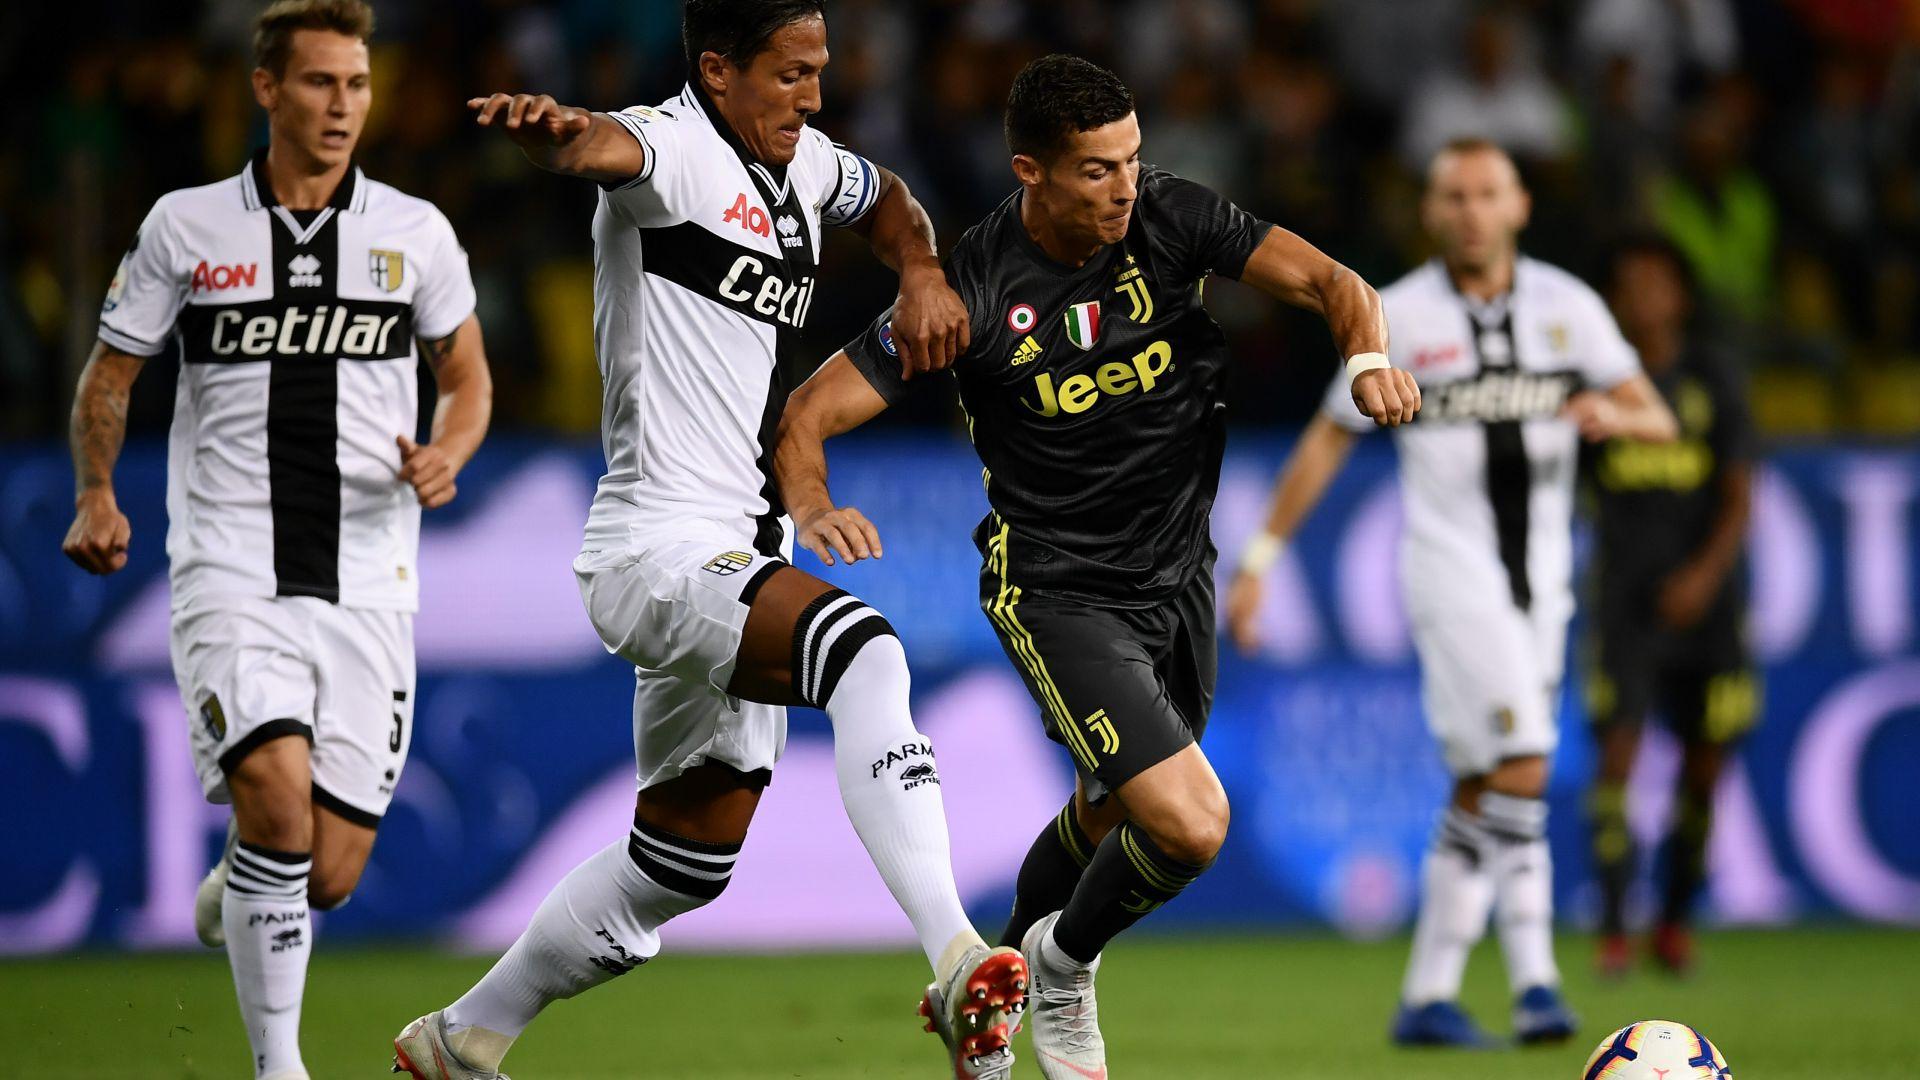 Cristiano Ronaldo Bruno Alves Parma Juventus Serie A